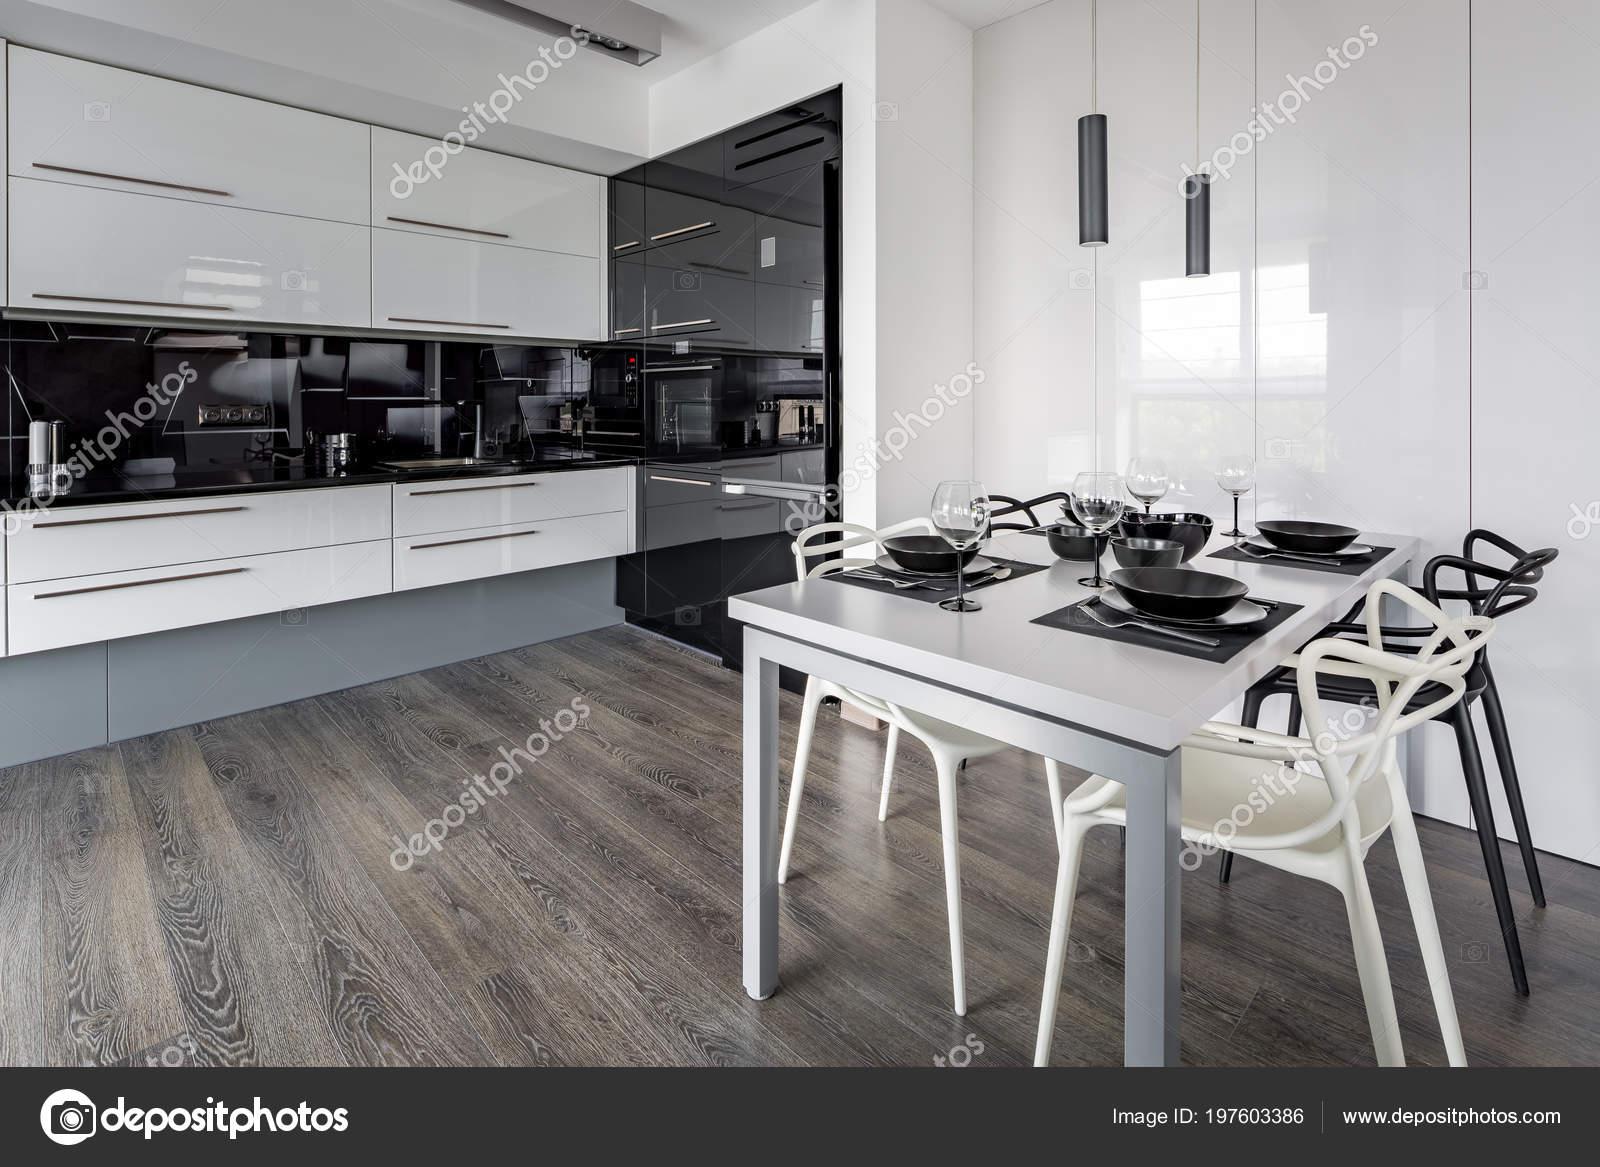 Nieuwe Design Keuken : Keuken met witte zwarte wandtegels nieuwe design stoelen